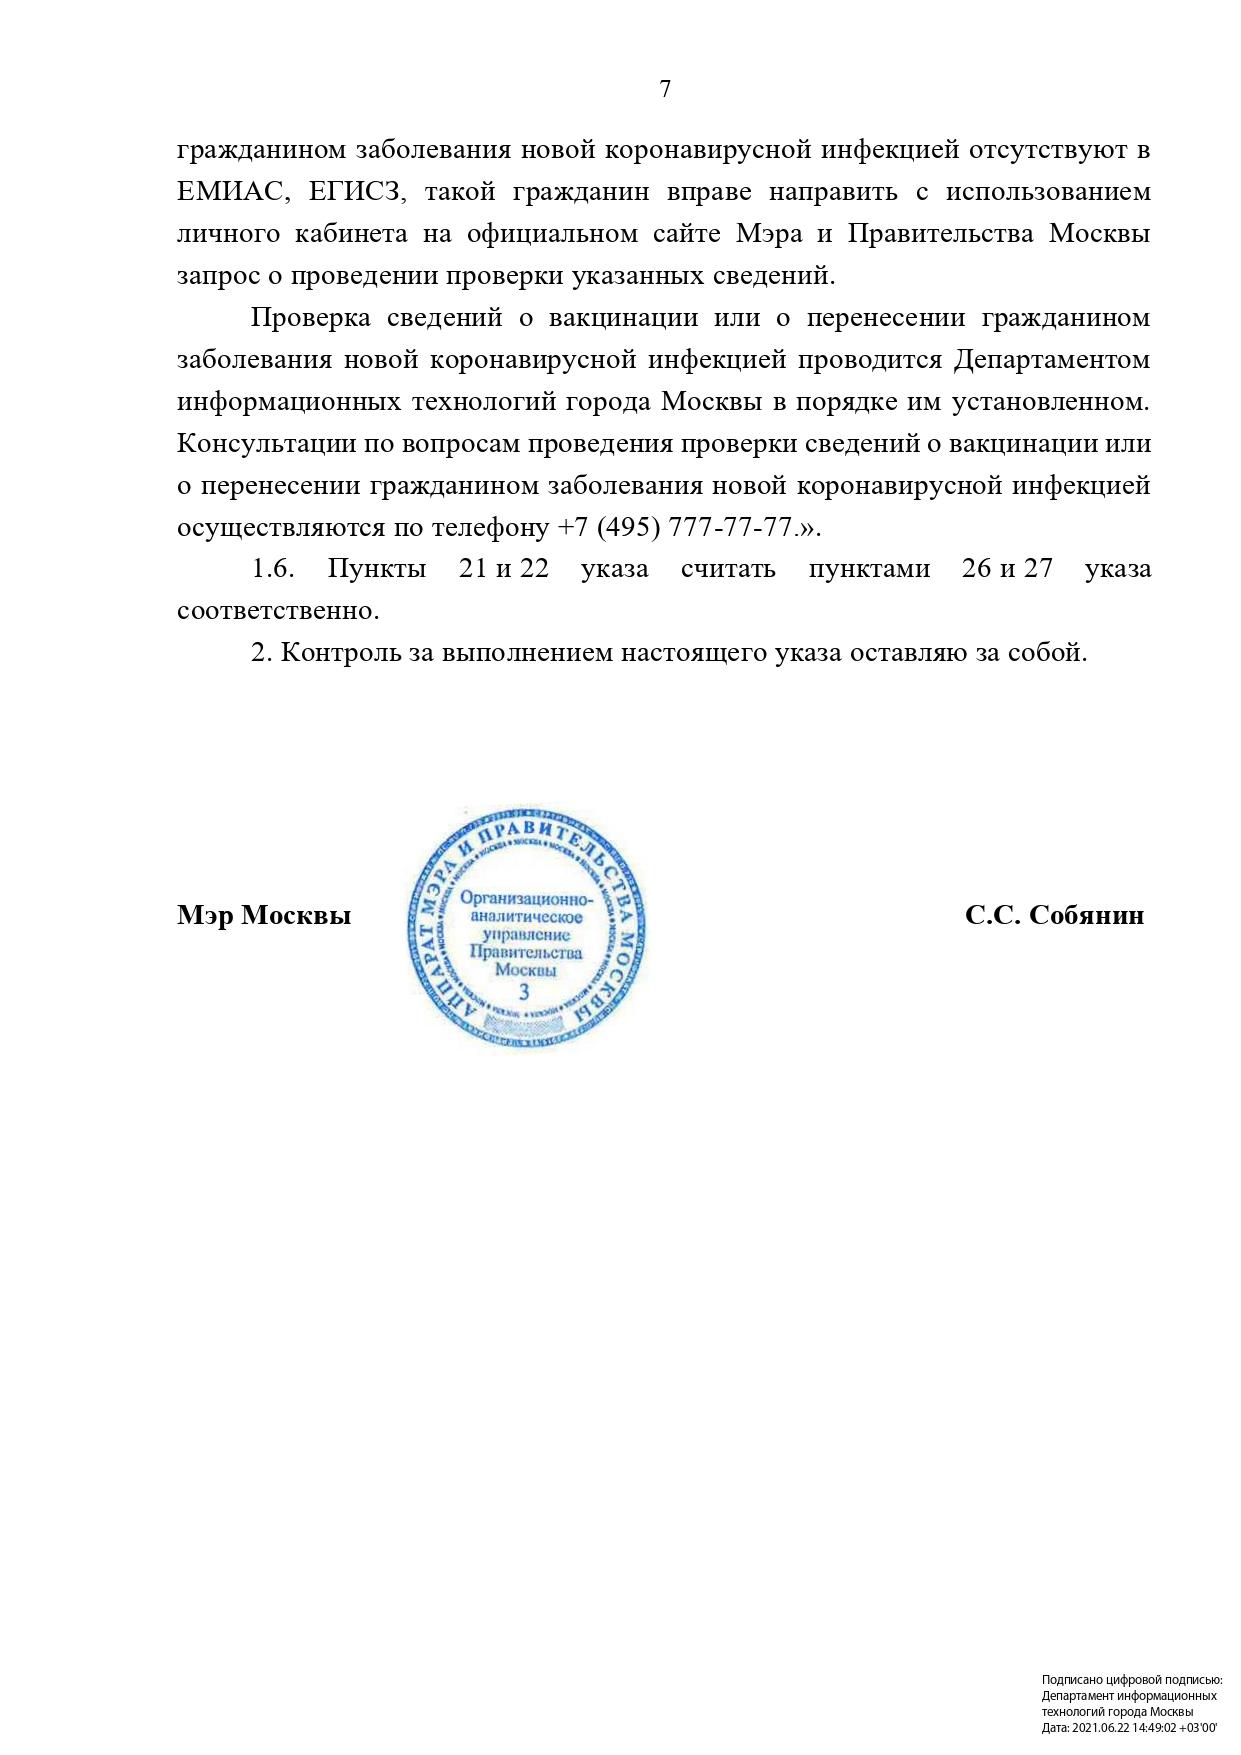 Указ Мэра Москвы Собянина С.С. от 22 июня 2021 г. (22.06.2021) No 35-УМ 7